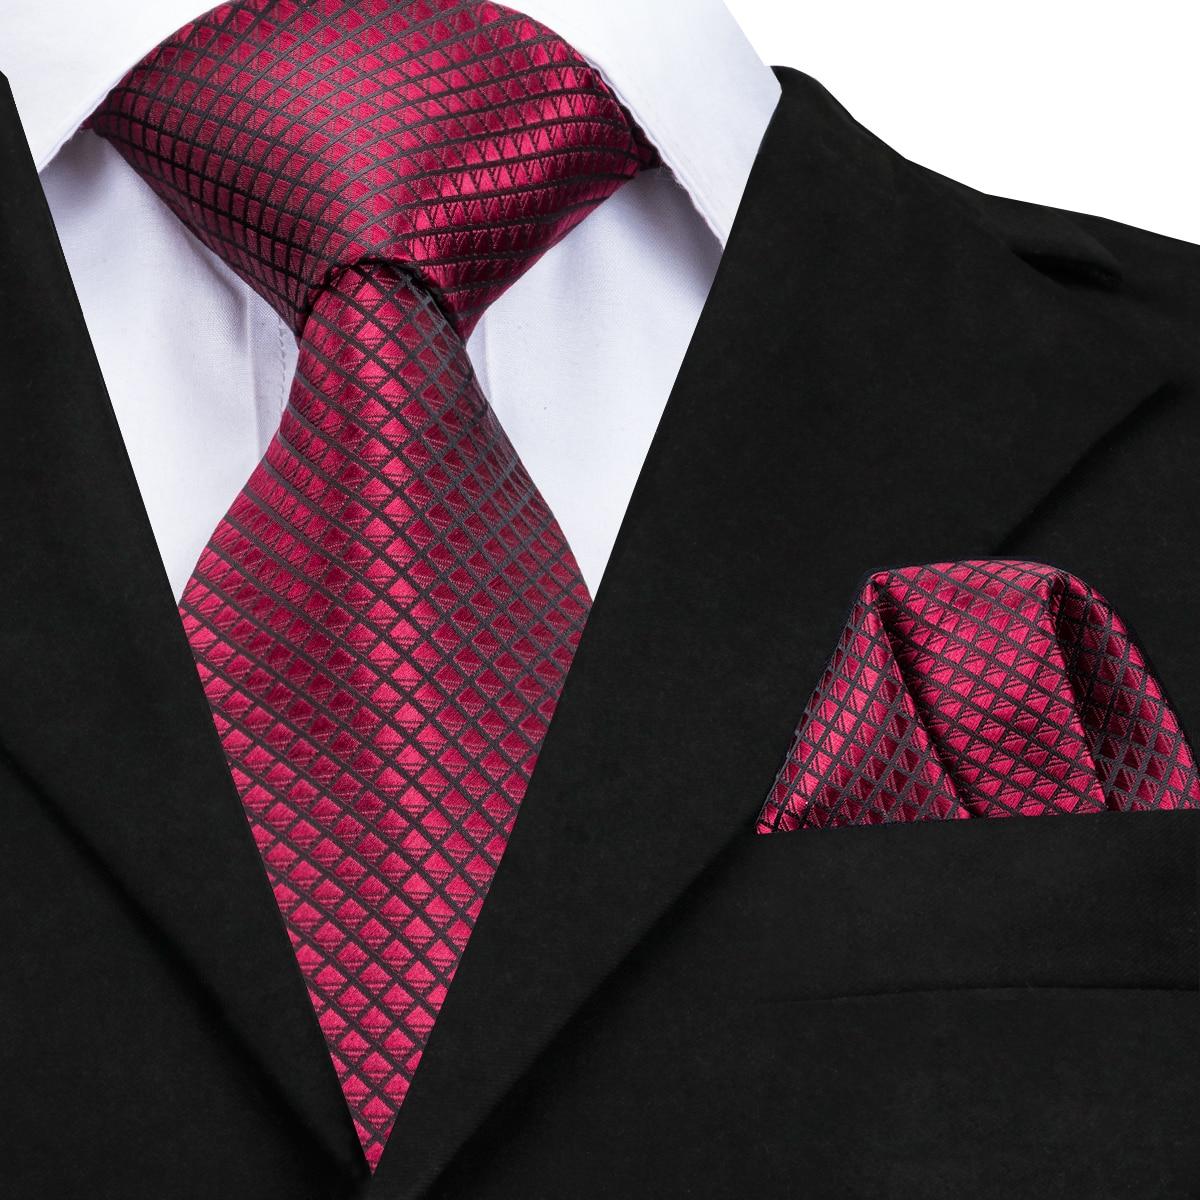 Hallo-Krawatte Hohe Qualität Silk Krawatten für Männer 160 cm Lange Mode Red Krawatte 8 cm Breite Formale Plaid männer Krawatte Männlichen Herren Krawatten CZ-005